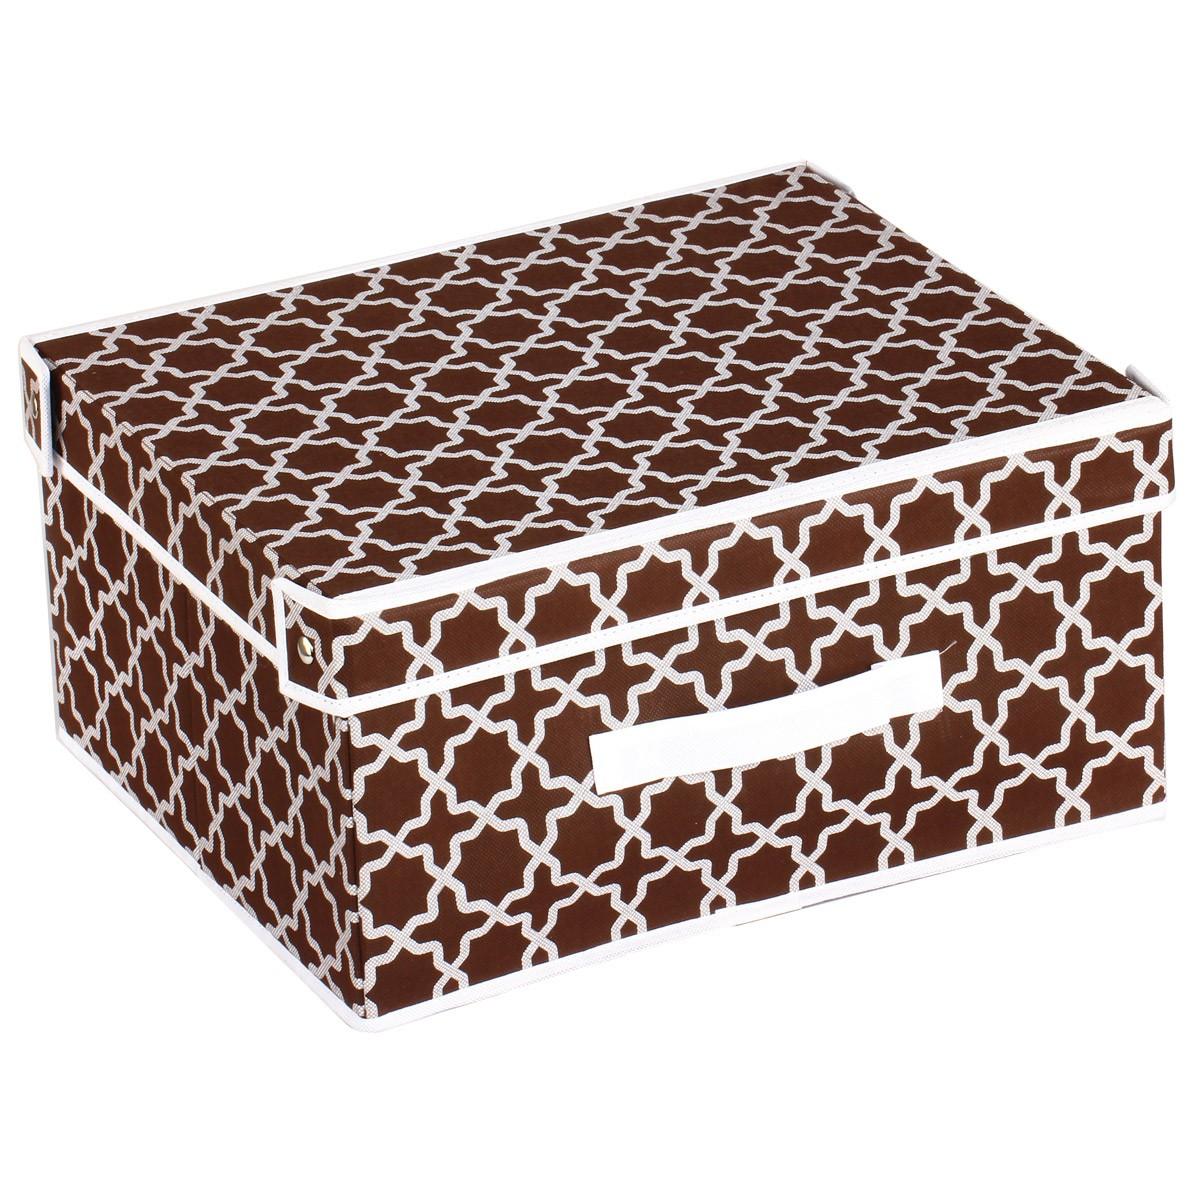 Κουτί Τακτοποίησης (41x35x25) εstia 03-4941 Brown home   κρεβατοκάμαρα   οργάνωση ντουλάπας